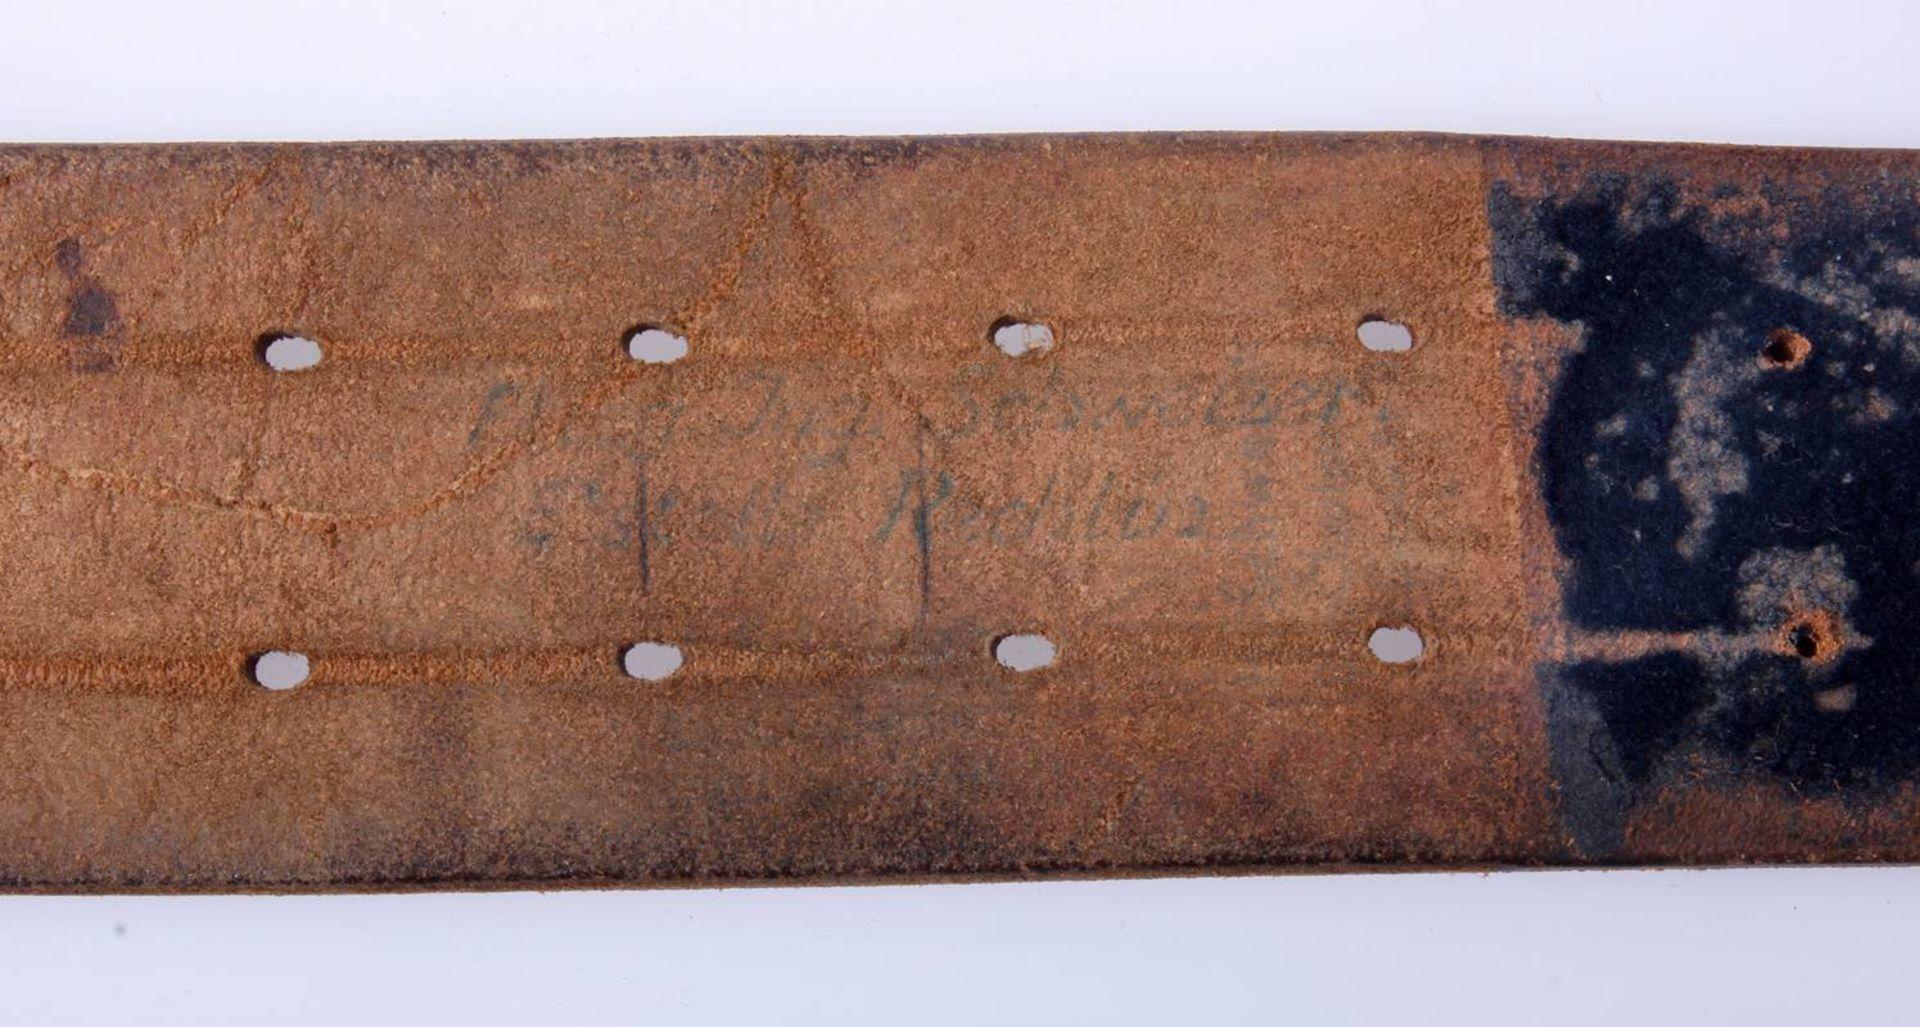 2 x Koppel für Offiziere der Wehrmacht2 x Koppel für Offiziere mit Aluminium Schließen, Leder - Bild 7 aus 7